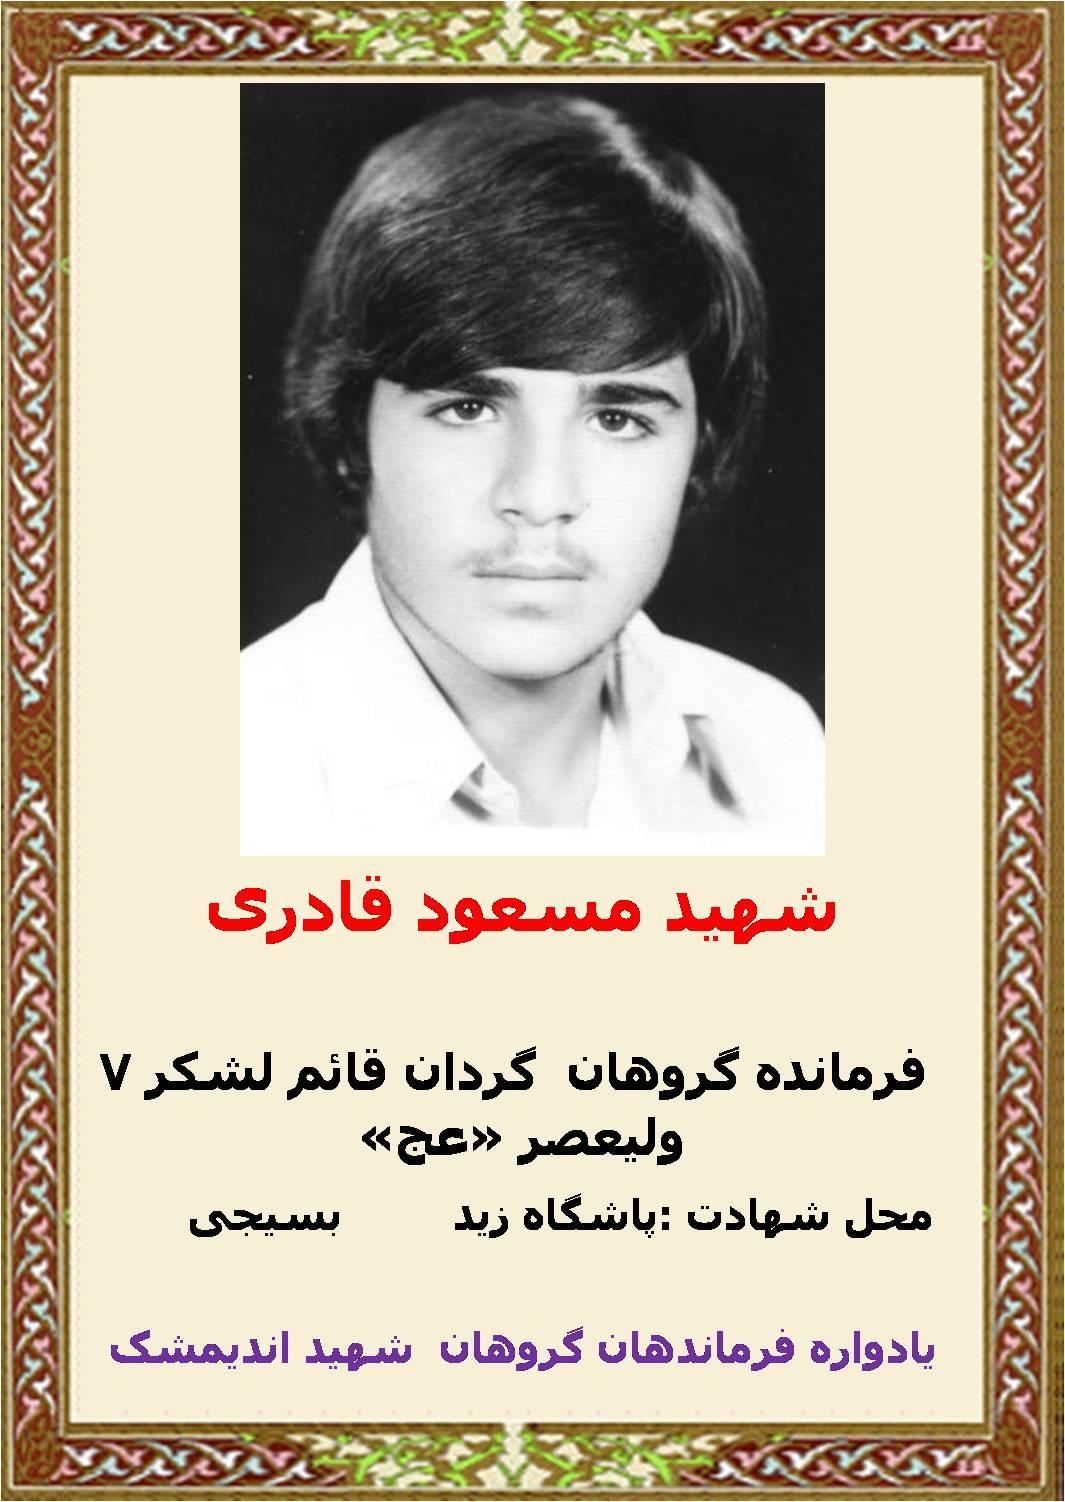 شهید مسعود قادری